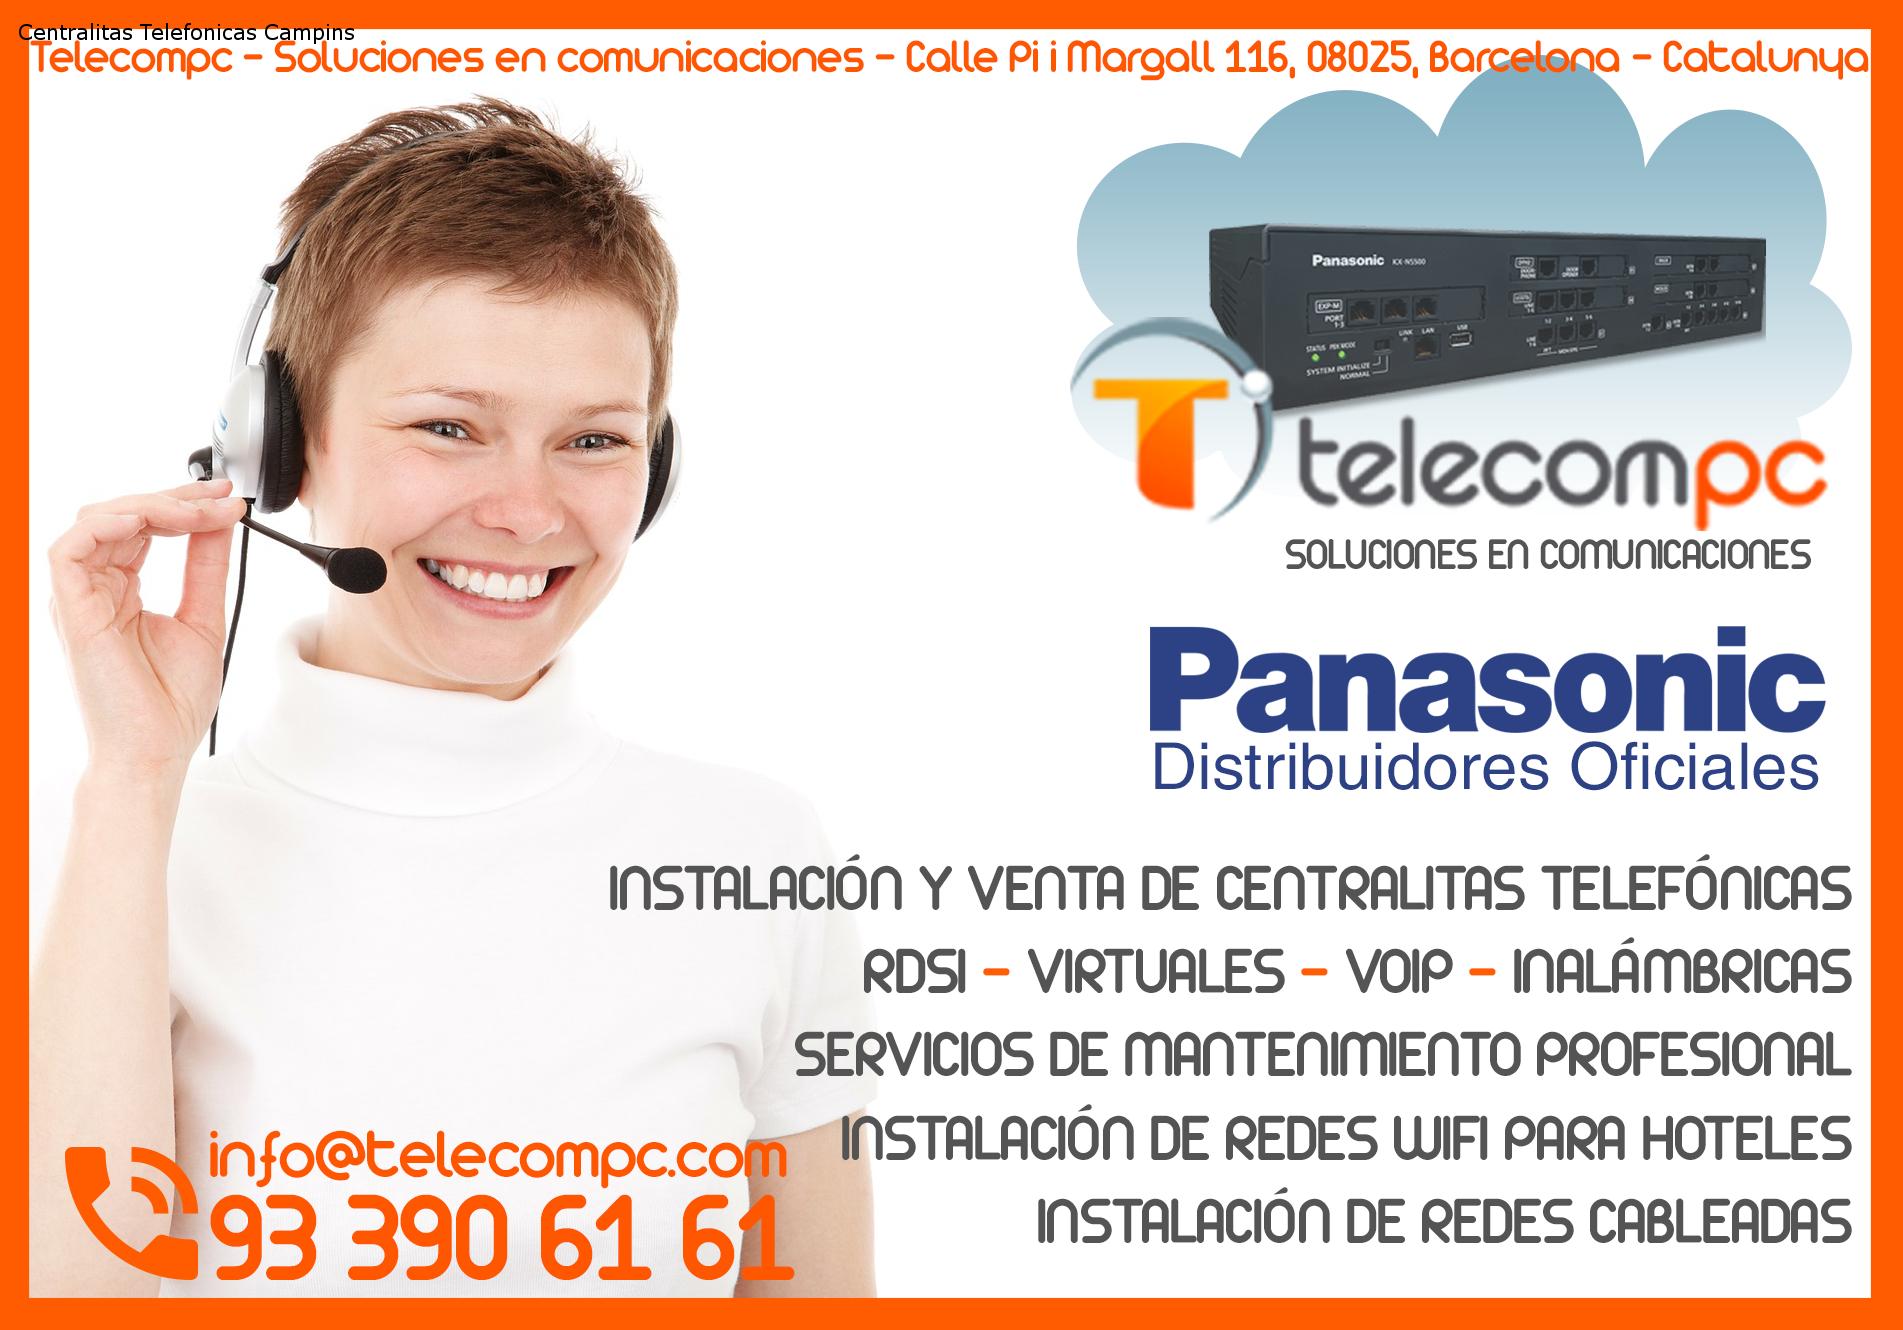 Centralitas Telefonicas Campins